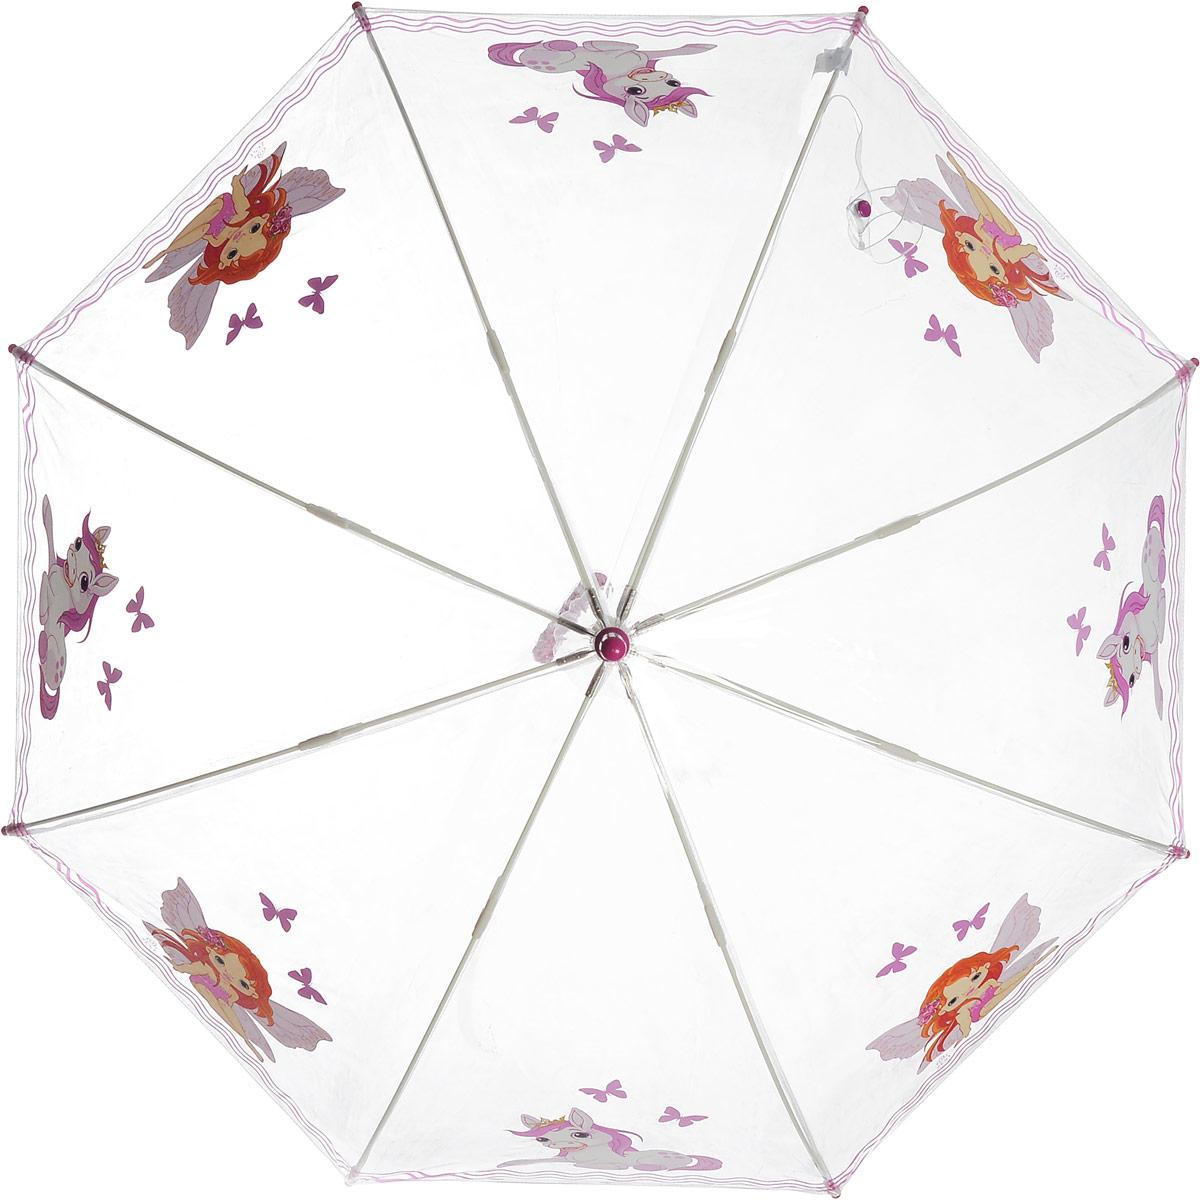 Зонт-трость детский Zest механический, цвет: прозрачный, розовый. 51510-06Колье (короткие одноярусные бусы)Детский зонт-трость Zest выполнен из металла и пластика. Каркас зонта выполнен из восьми спиц, стержень из стали. На концах спиц предусмотрены пластиковые элементы, которые защитят малыша от травм. Купол зонта изготовлен прочного полиэстера. Закрытый купол застегивается на липучку хлястиком. Практичная глянцевая рукоятка закругленной формы разработана с учетом требований эргономики и выполнена из пластика.Чудесный прозрачный зонтик с изображением красочного рисунка на прозрачном куполе. Эта очень позитивная, прочная в применении модель обязательно понравится вашему ребенку.